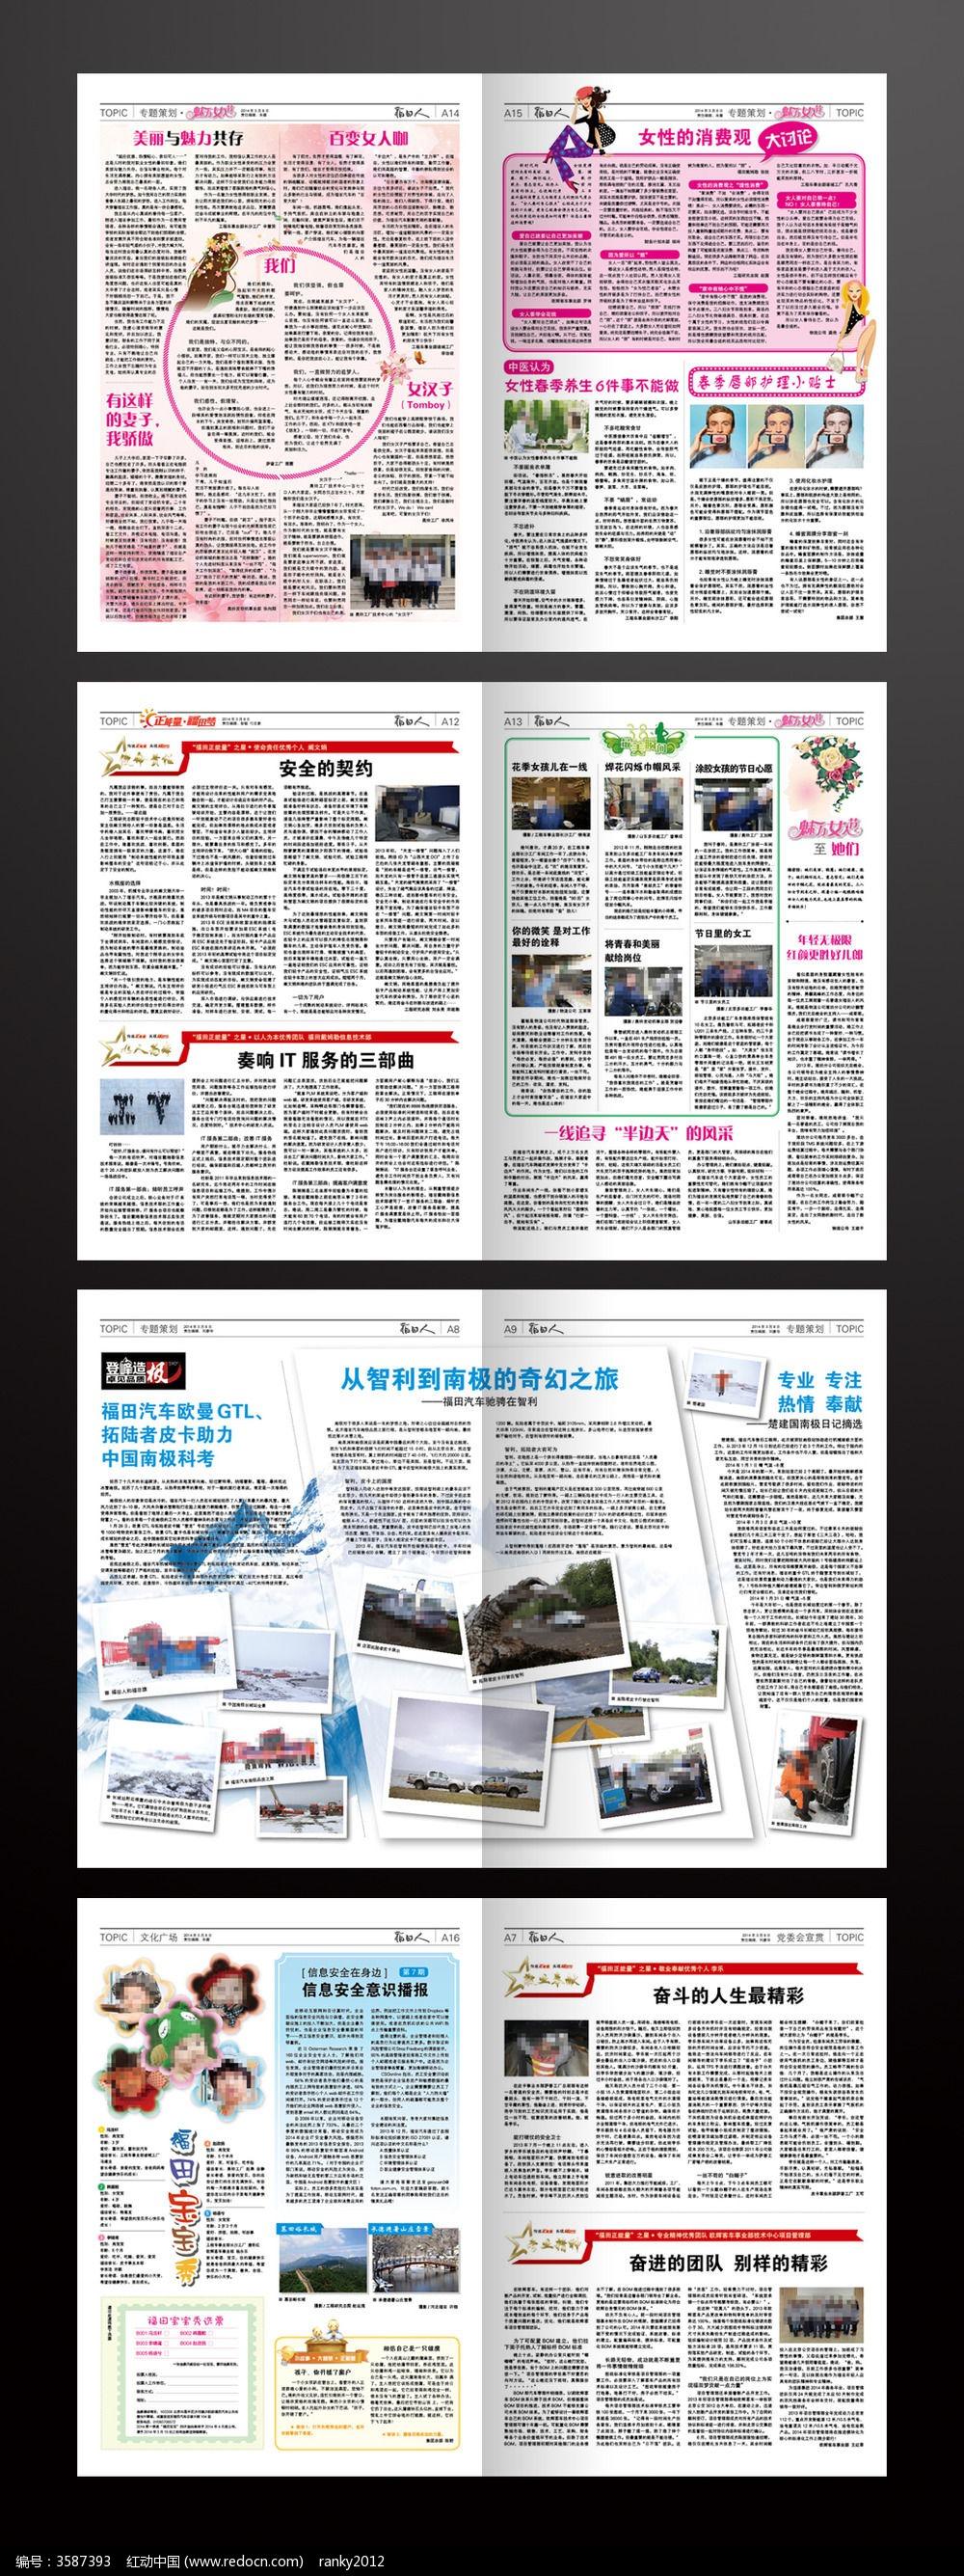 国内企业报纸版式indd格式图片